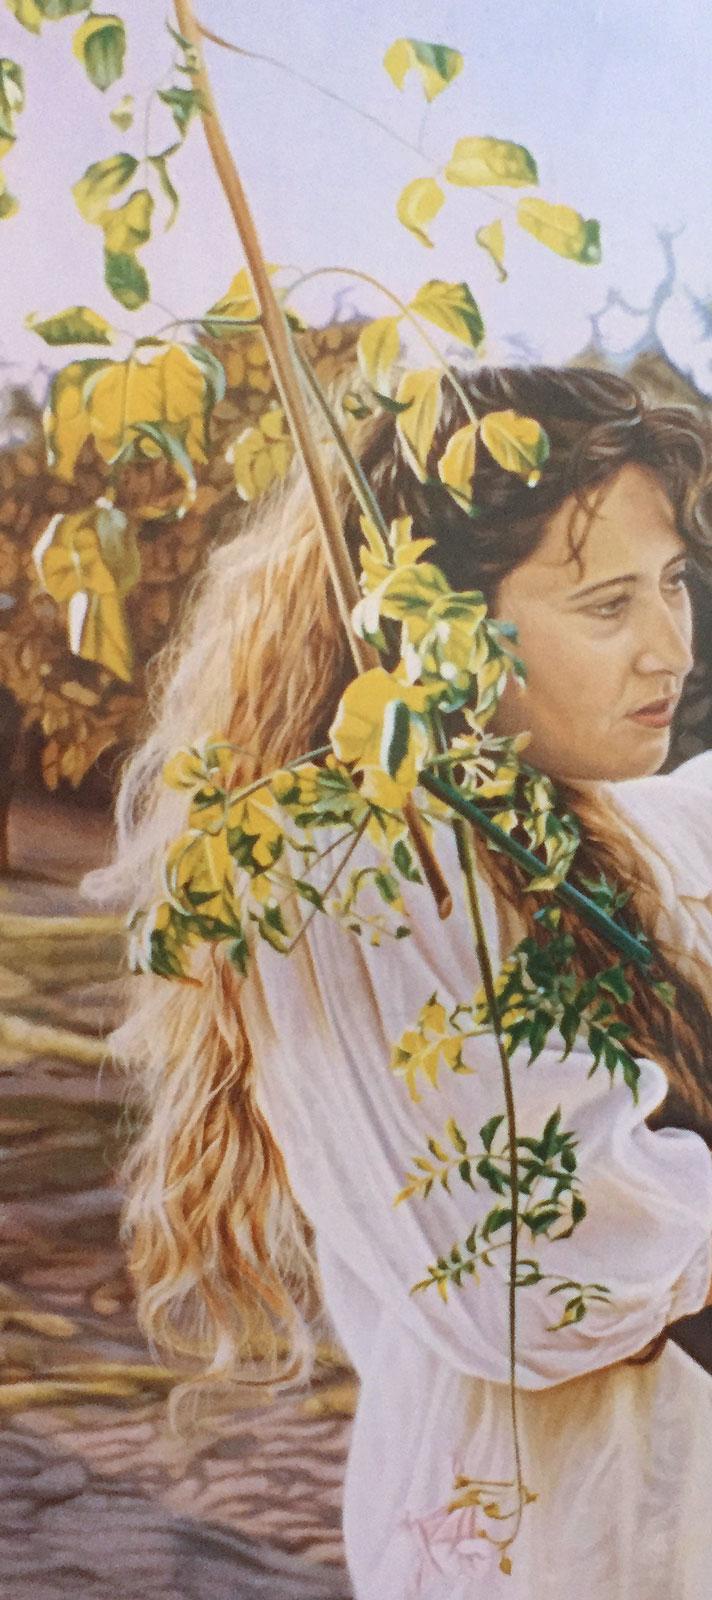 Olga Calado portrait of Mari